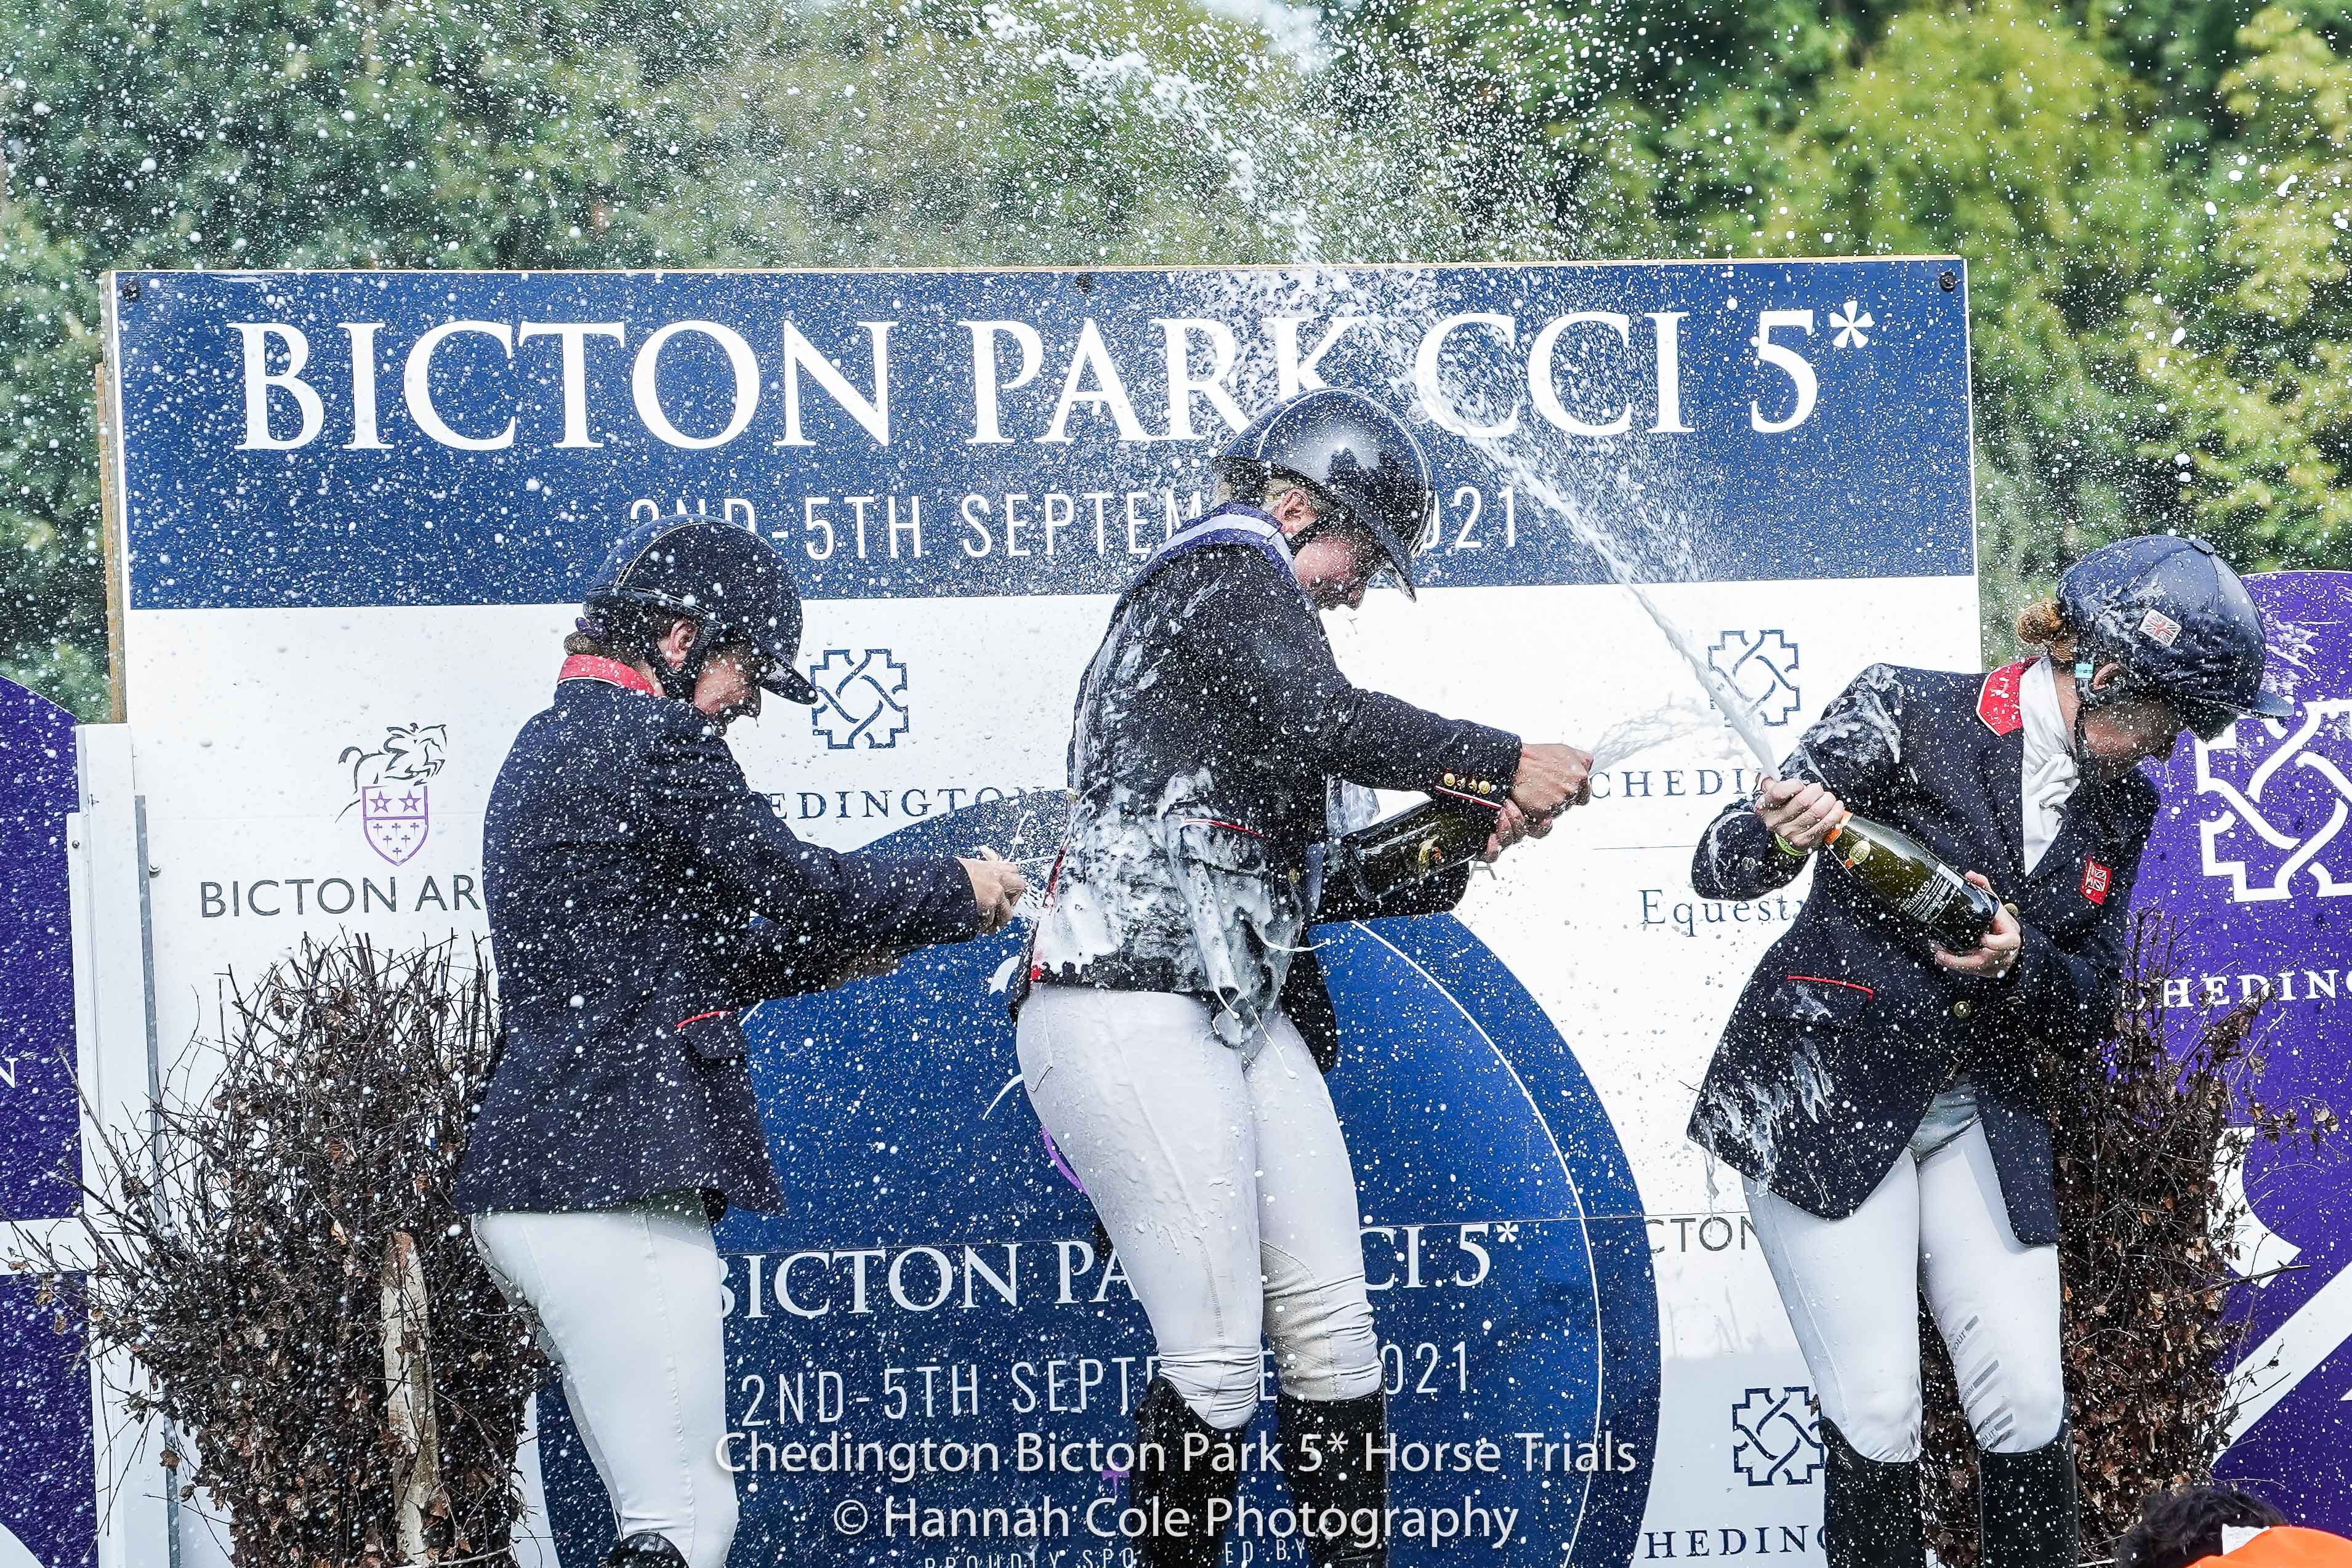 b43f1ab8 9dbc a0b3 27d6 e6be55f3bcac - Chedington Bicton Park 5* Horse Trials